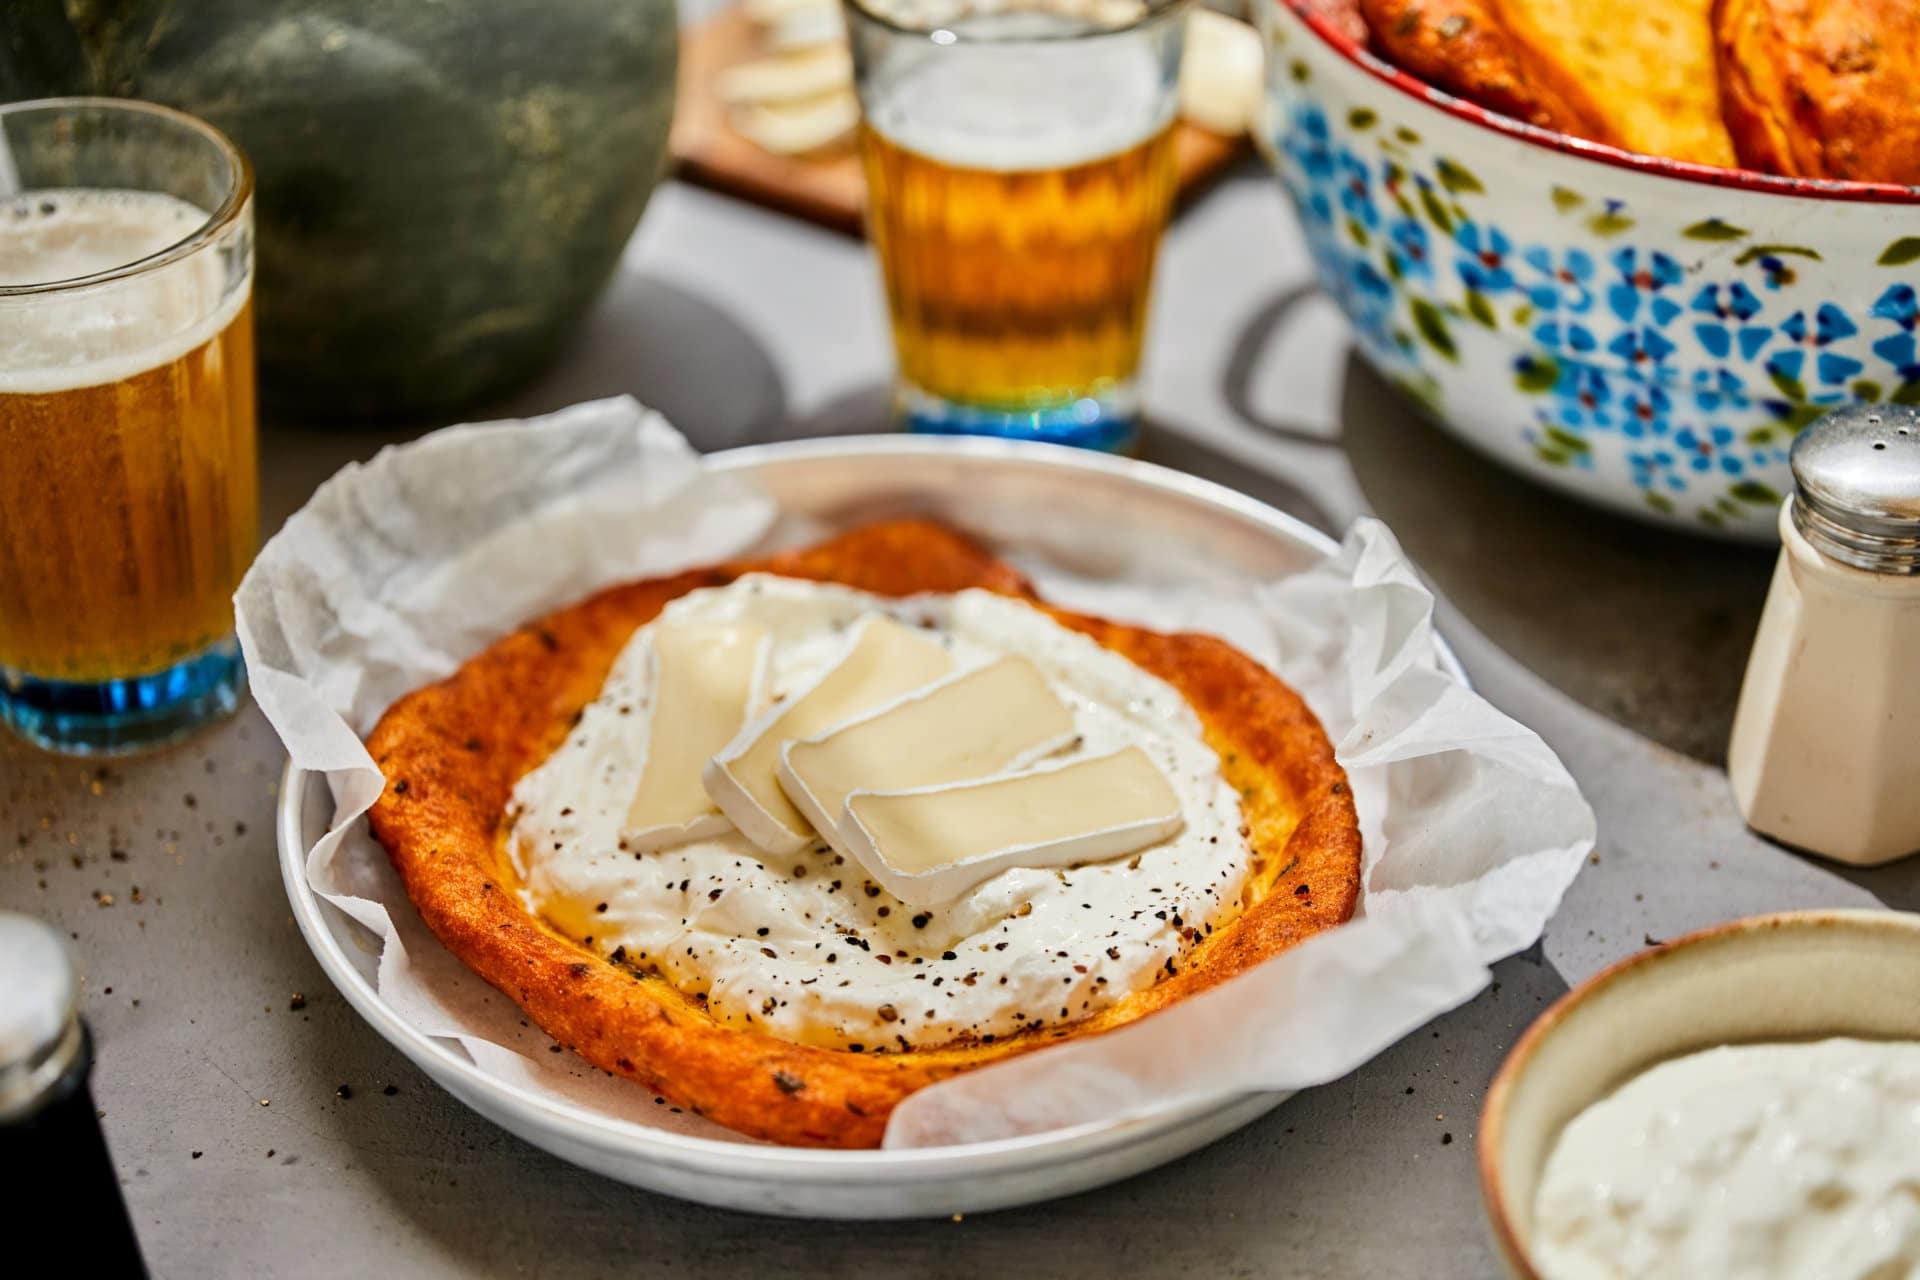 édesburgonyás-zöldfűszeres lángos, tejföllel és camembert-rel